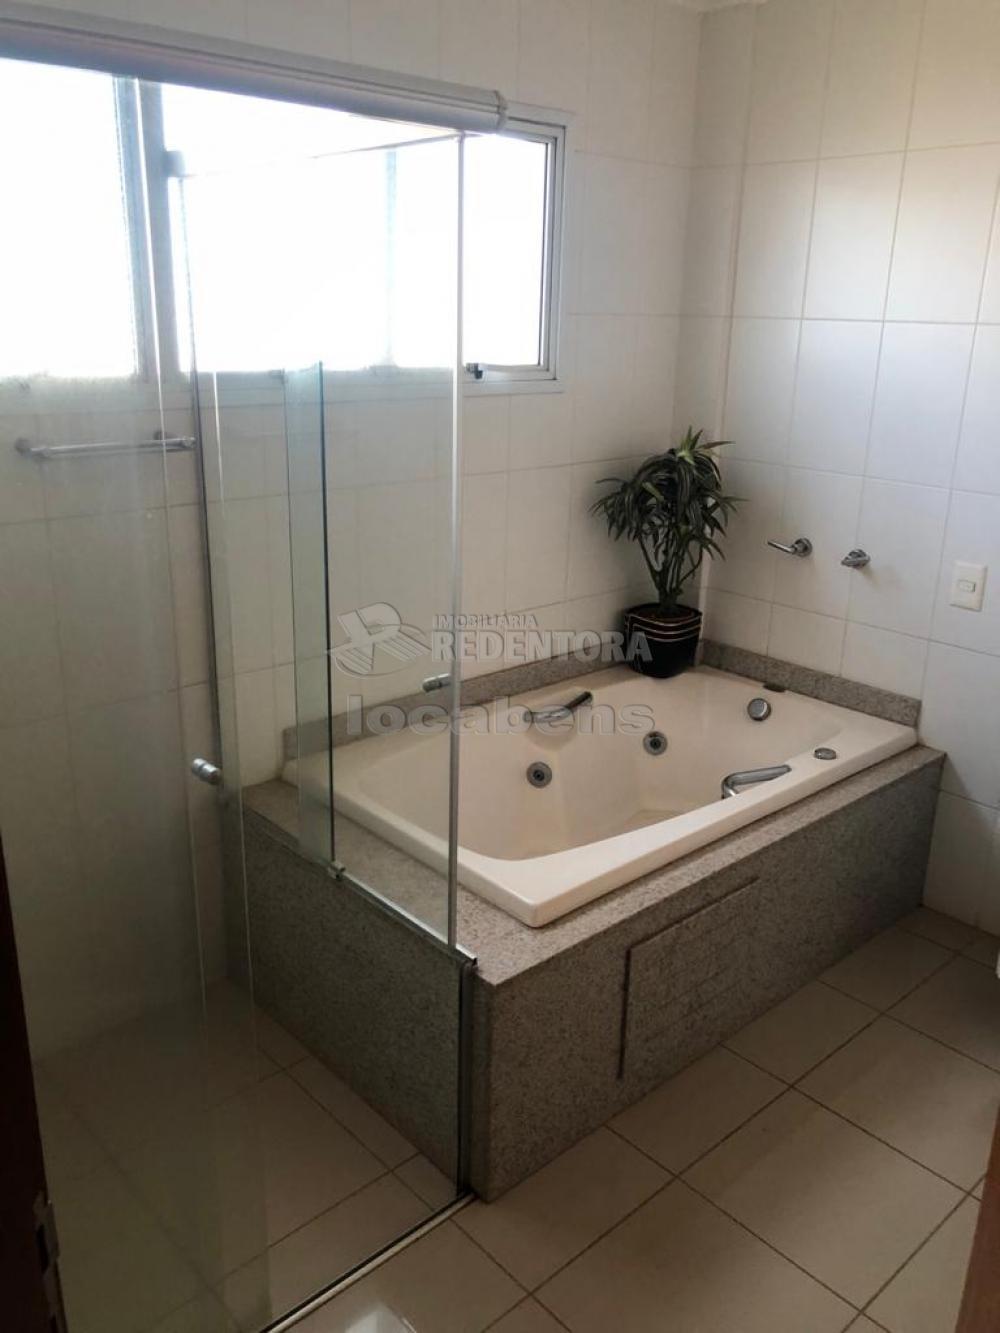 Alugar Apartamento / Padrão em São José do Rio Preto apenas R$ 2.500,00 - Foto 13